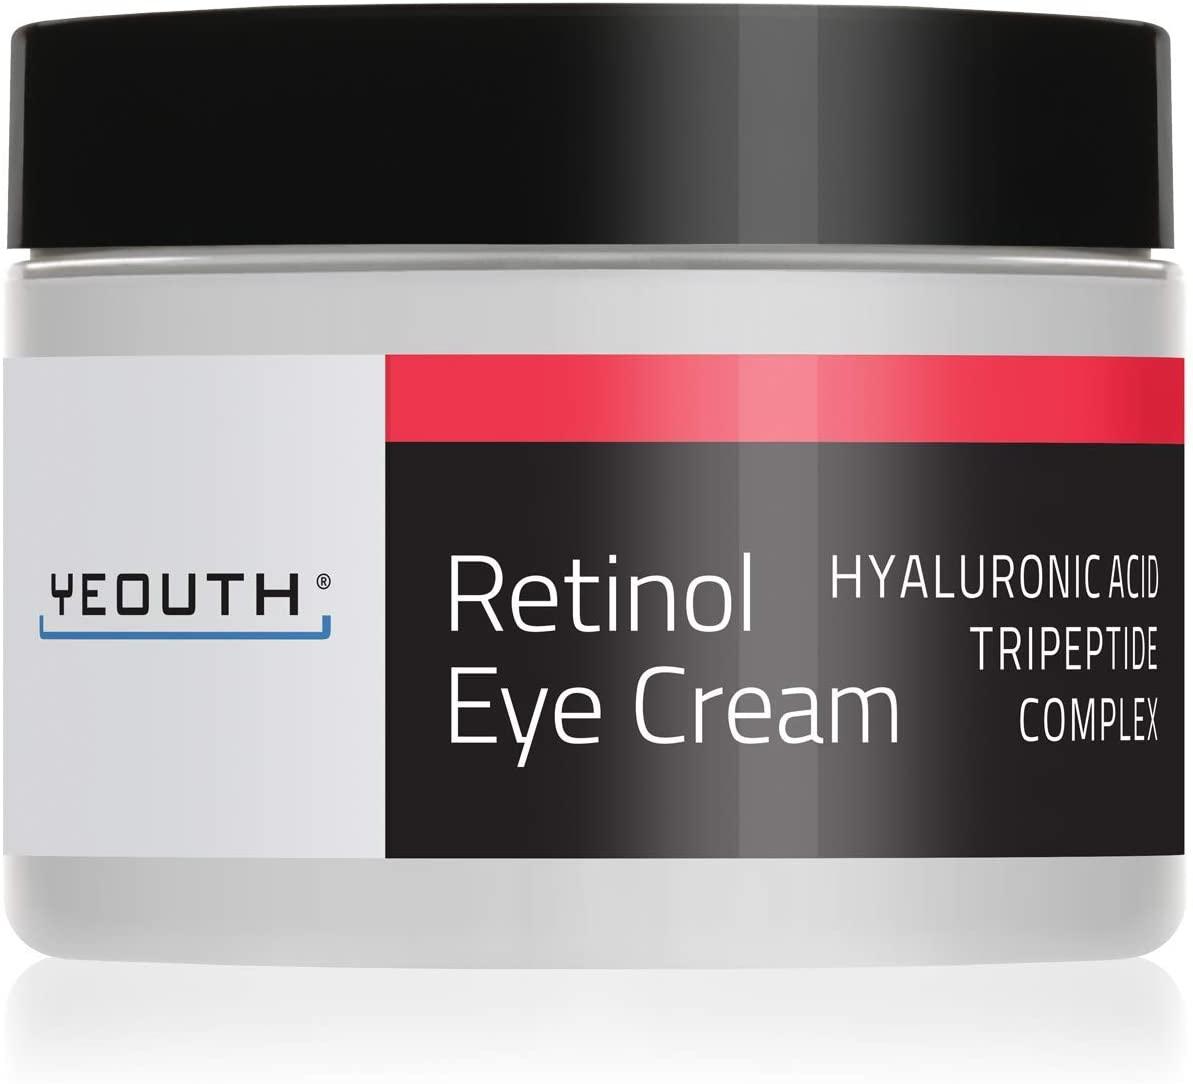 Crema para ojos con Retinol (Yeouth)